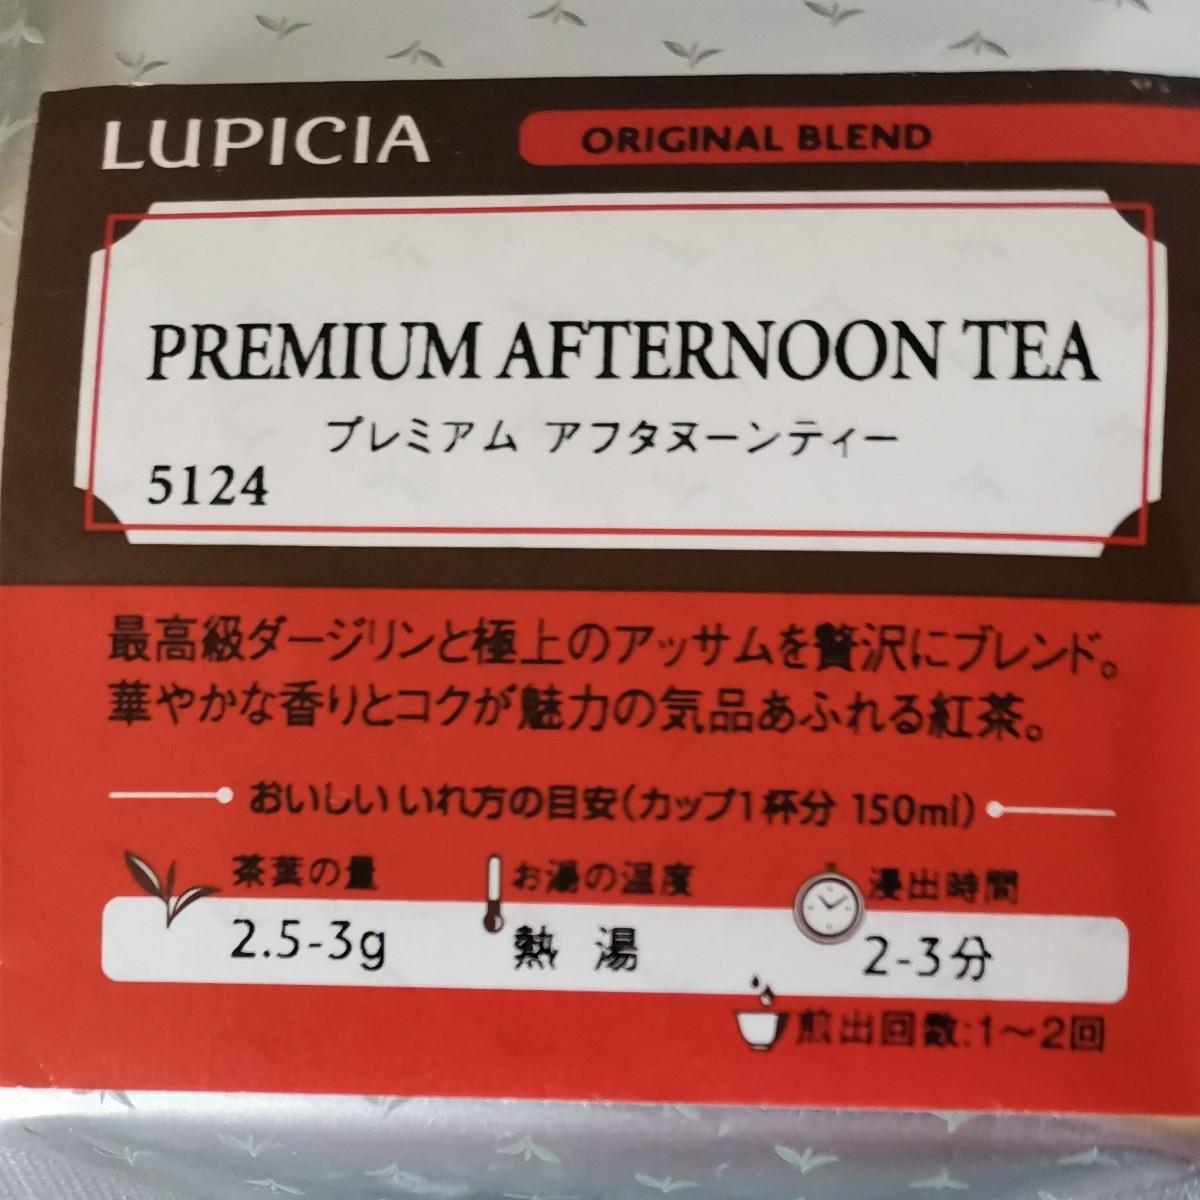 LUPICIA プレミアム アフタヌーンティー  ルピシア 最高級ダージリンと黄金の新芽を含んだアッサムを贅沢にブレンド